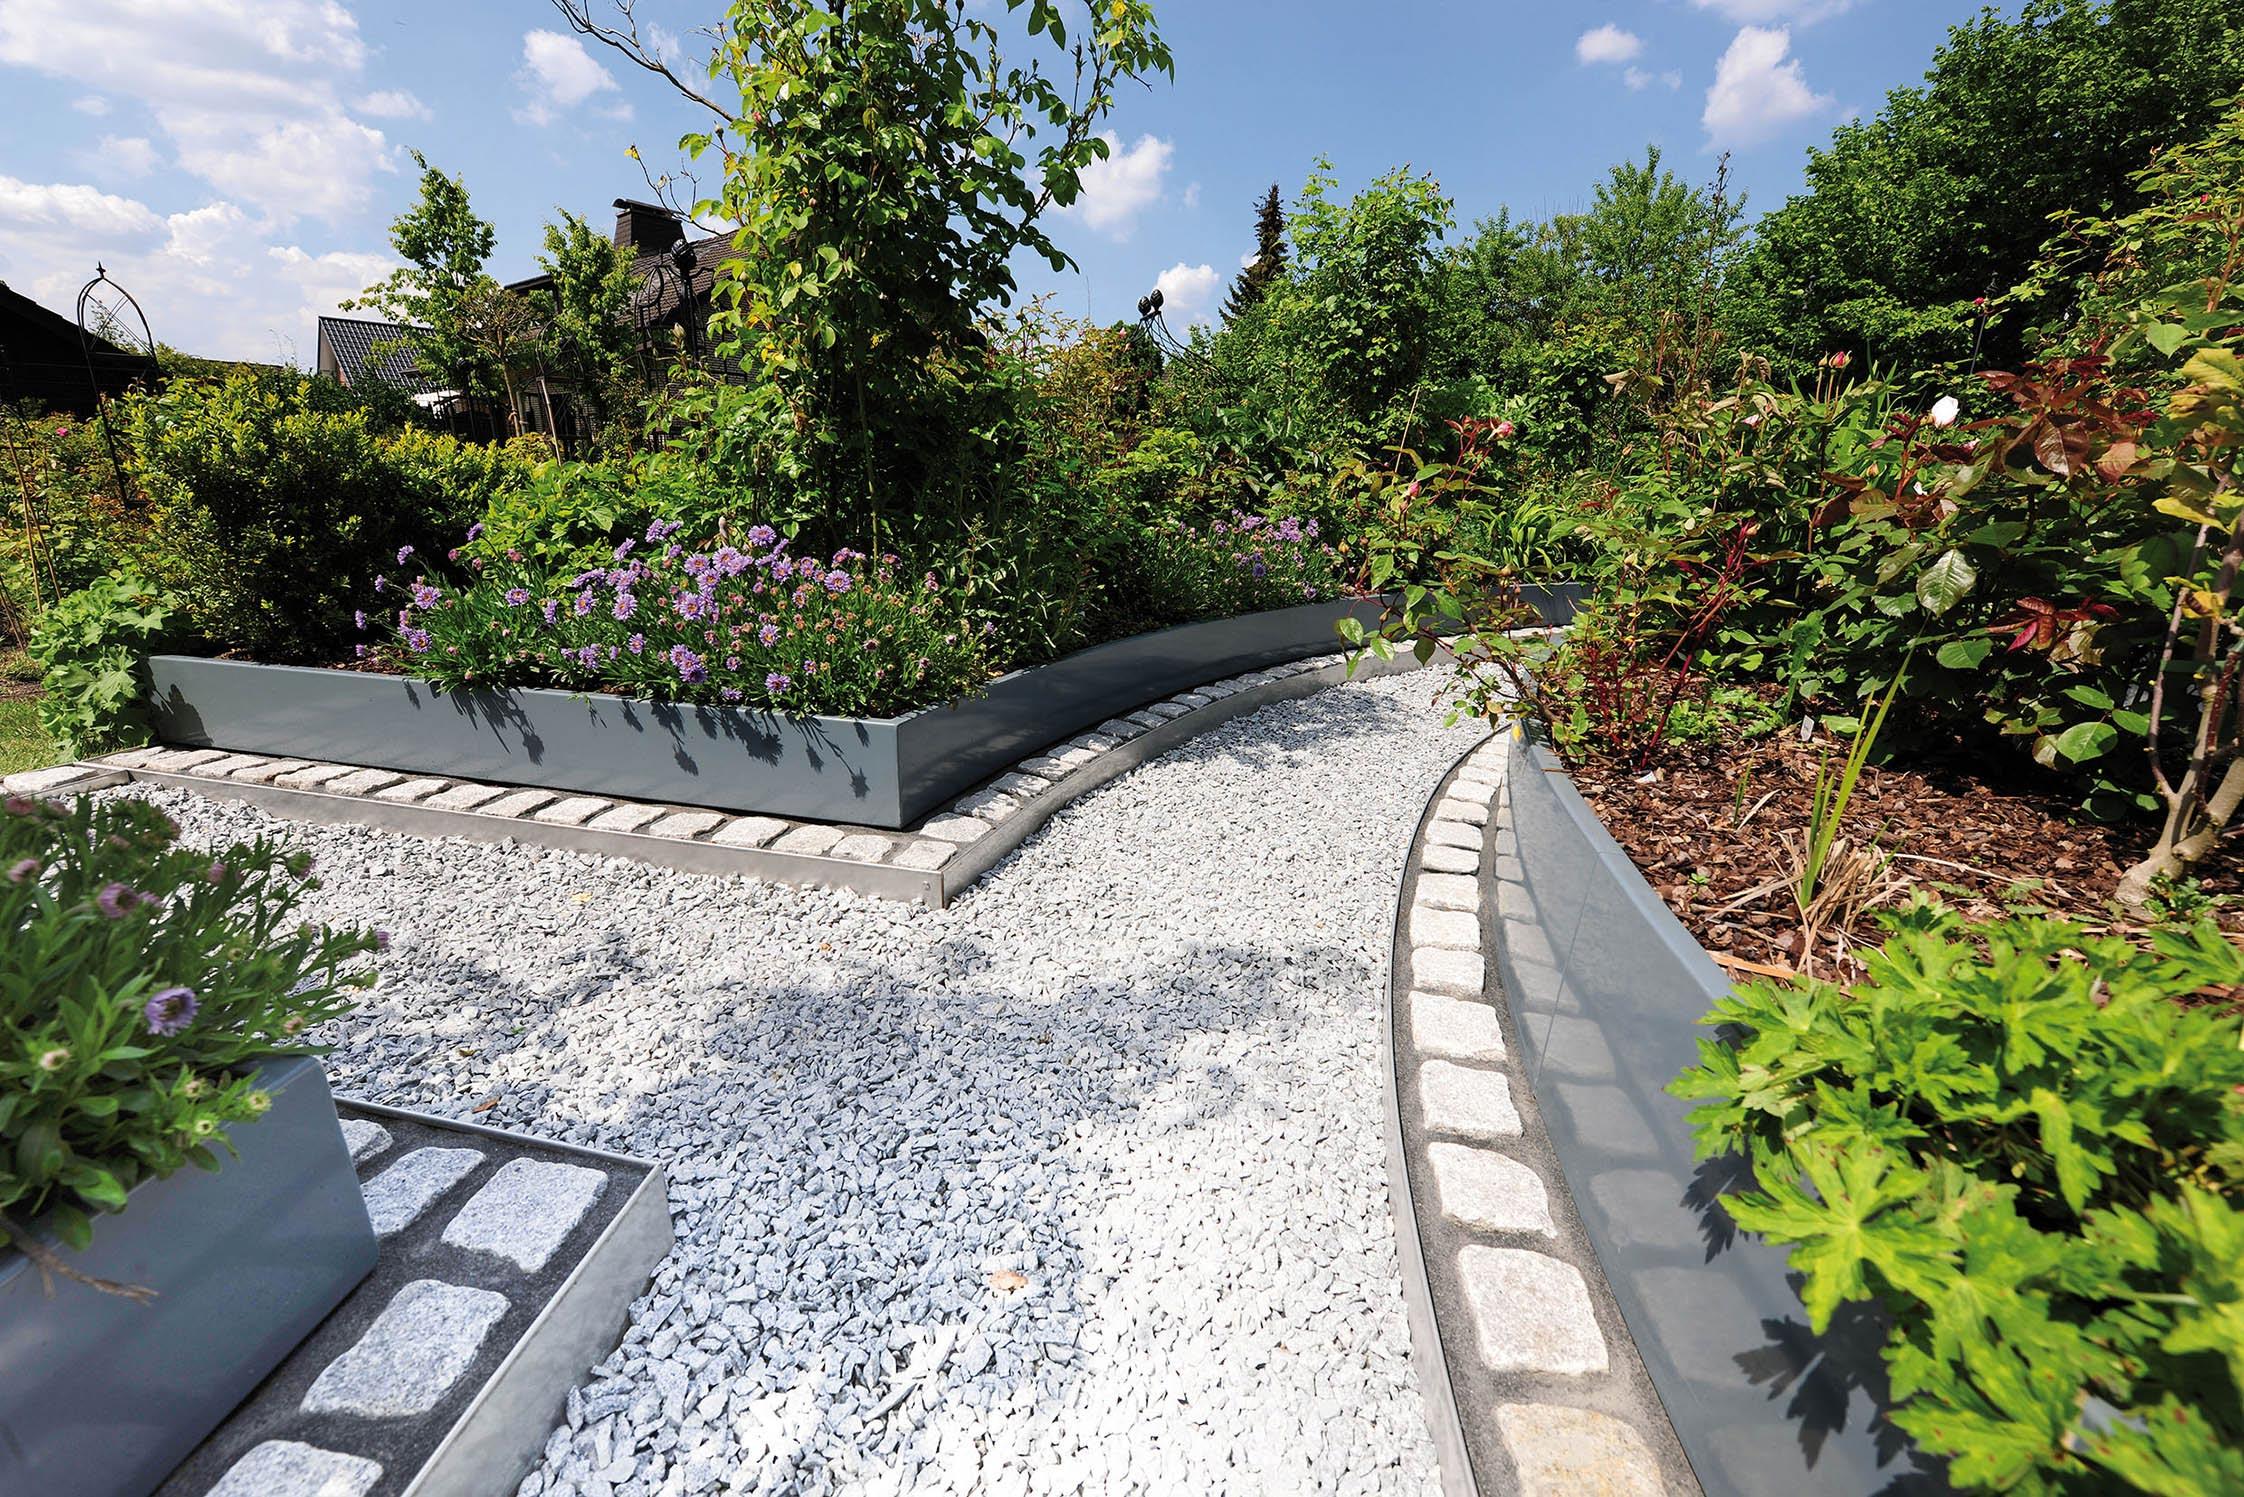 Full Size of Privates Rosen Labyrinth Mit Auf Ma Gefertigten Hochbeeten Edelstahl Garten Hochbeet Outdoor Küche Edelstahlküche Gebraucht Wohnzimmer Hochbeet Edelstahl